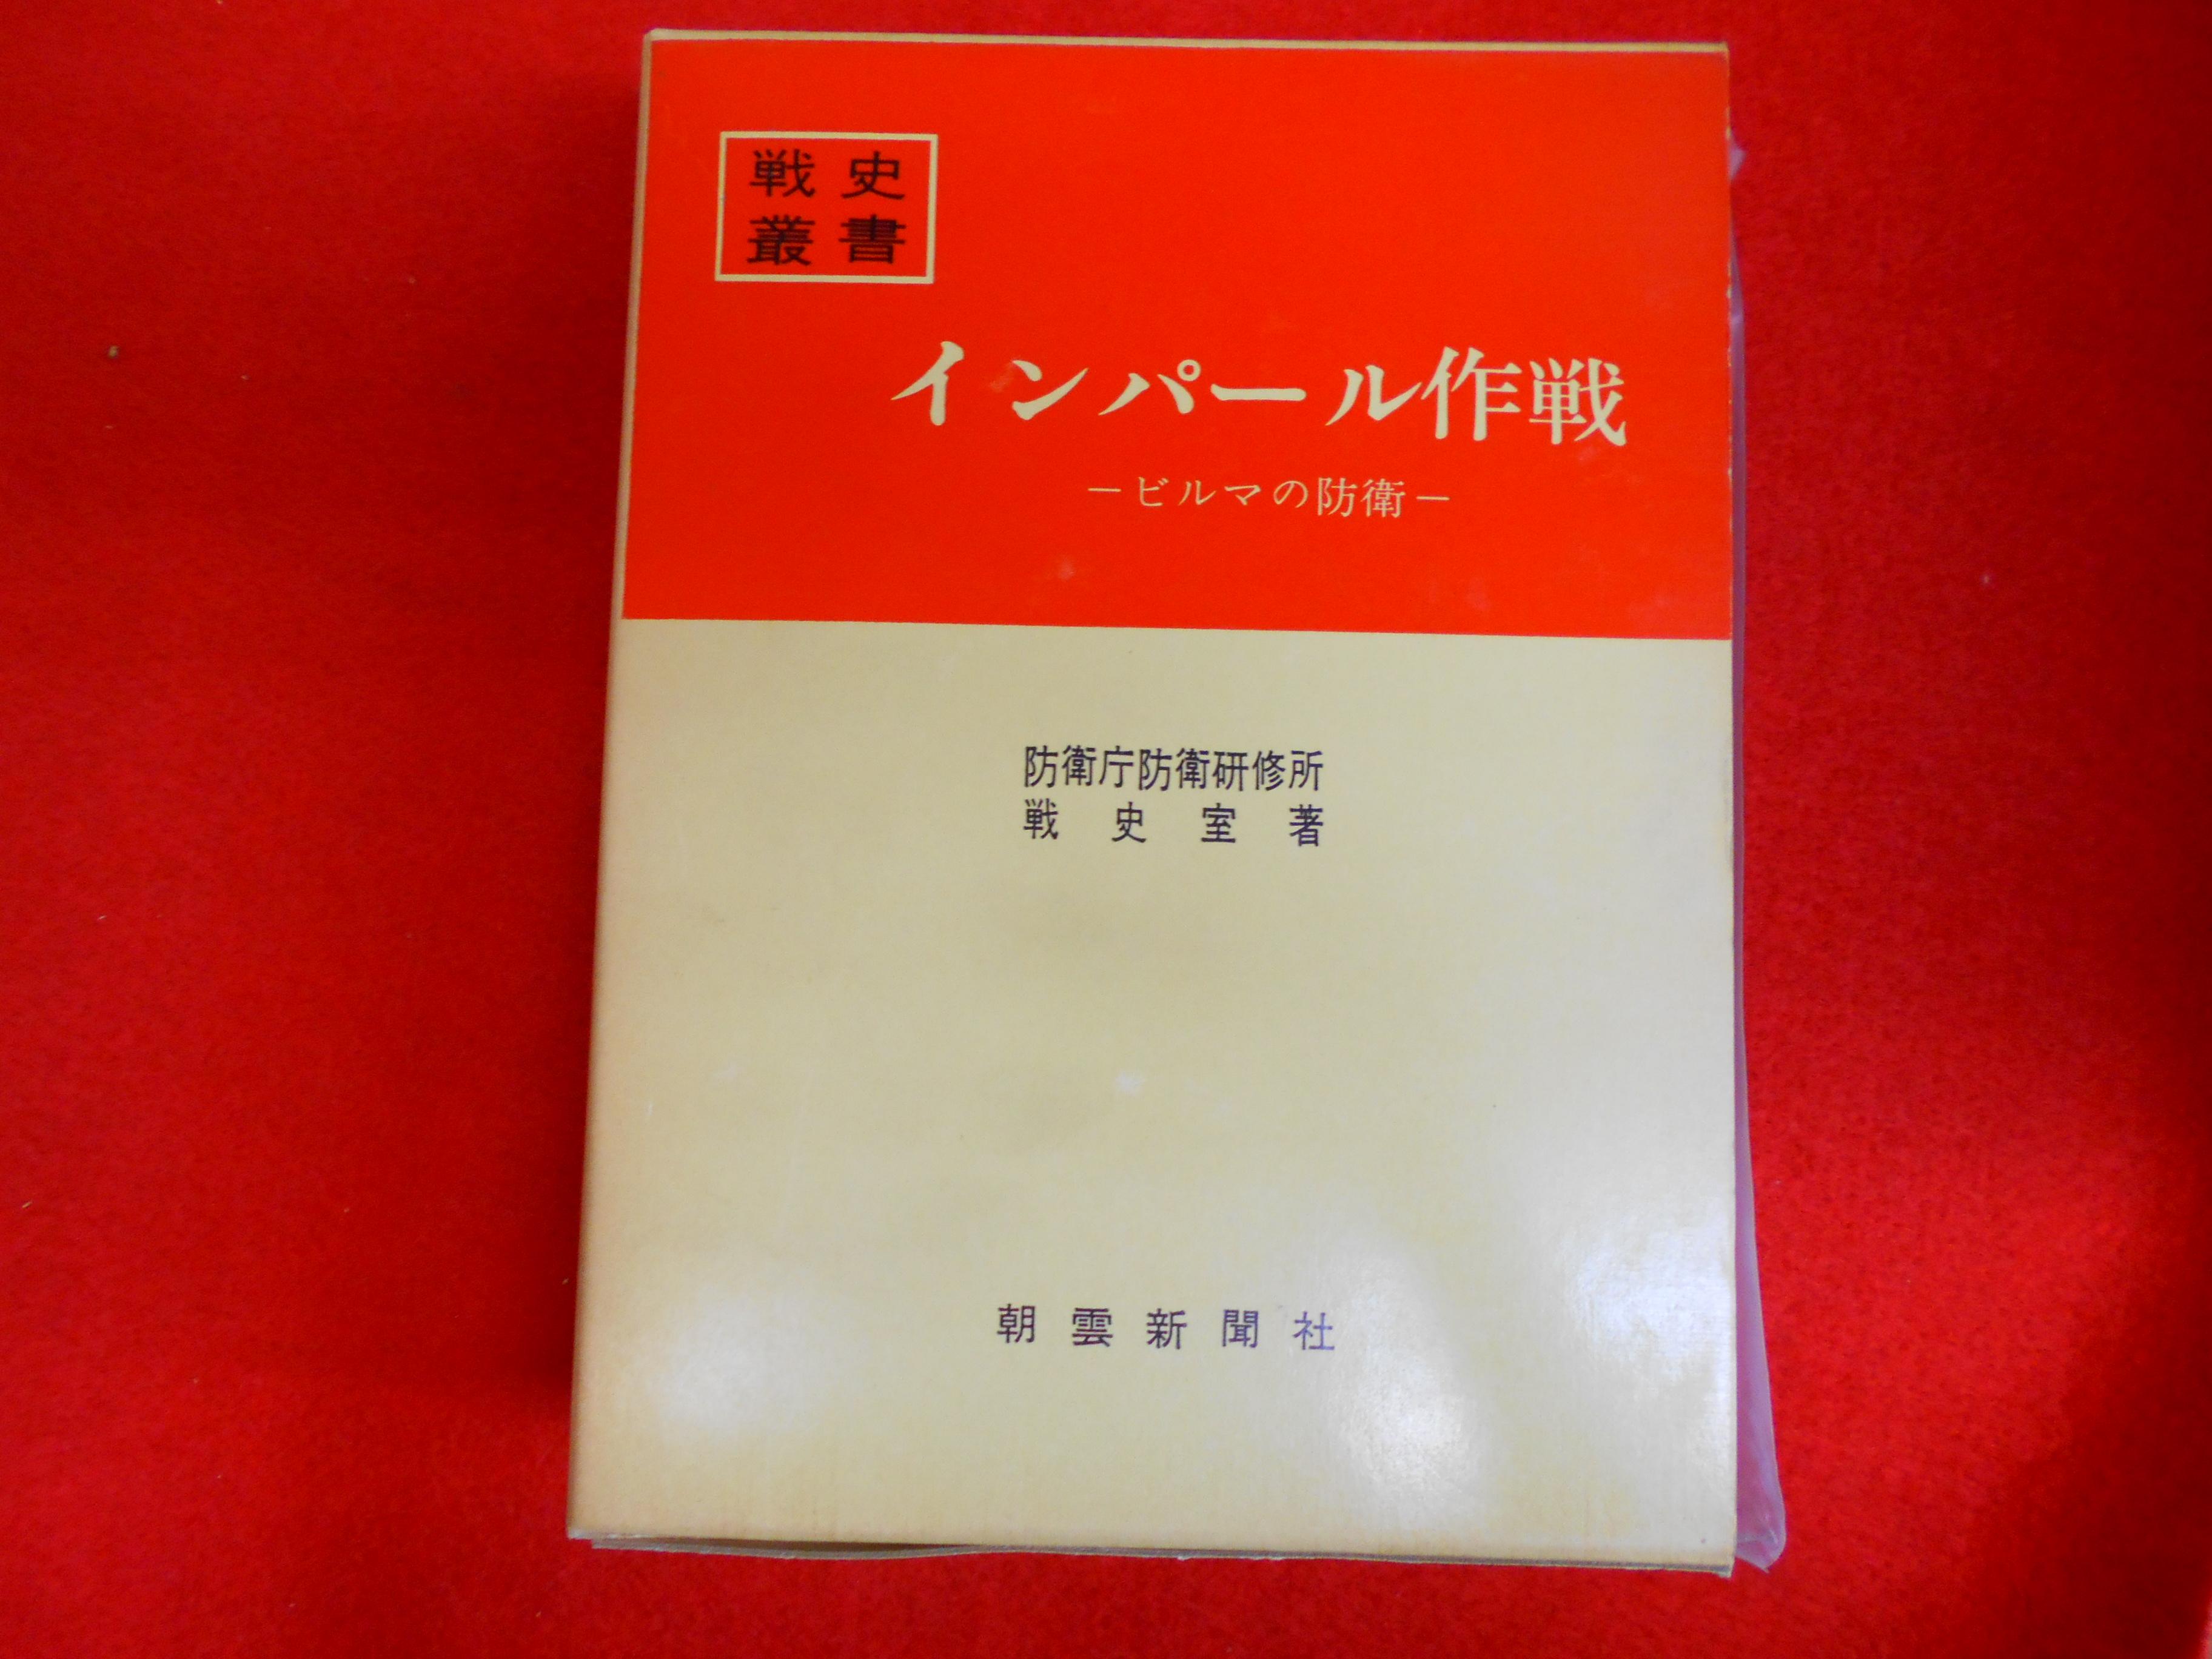 戦史叢書 15 インパール作戦-ビルマの防衛- 買取致します!の画像